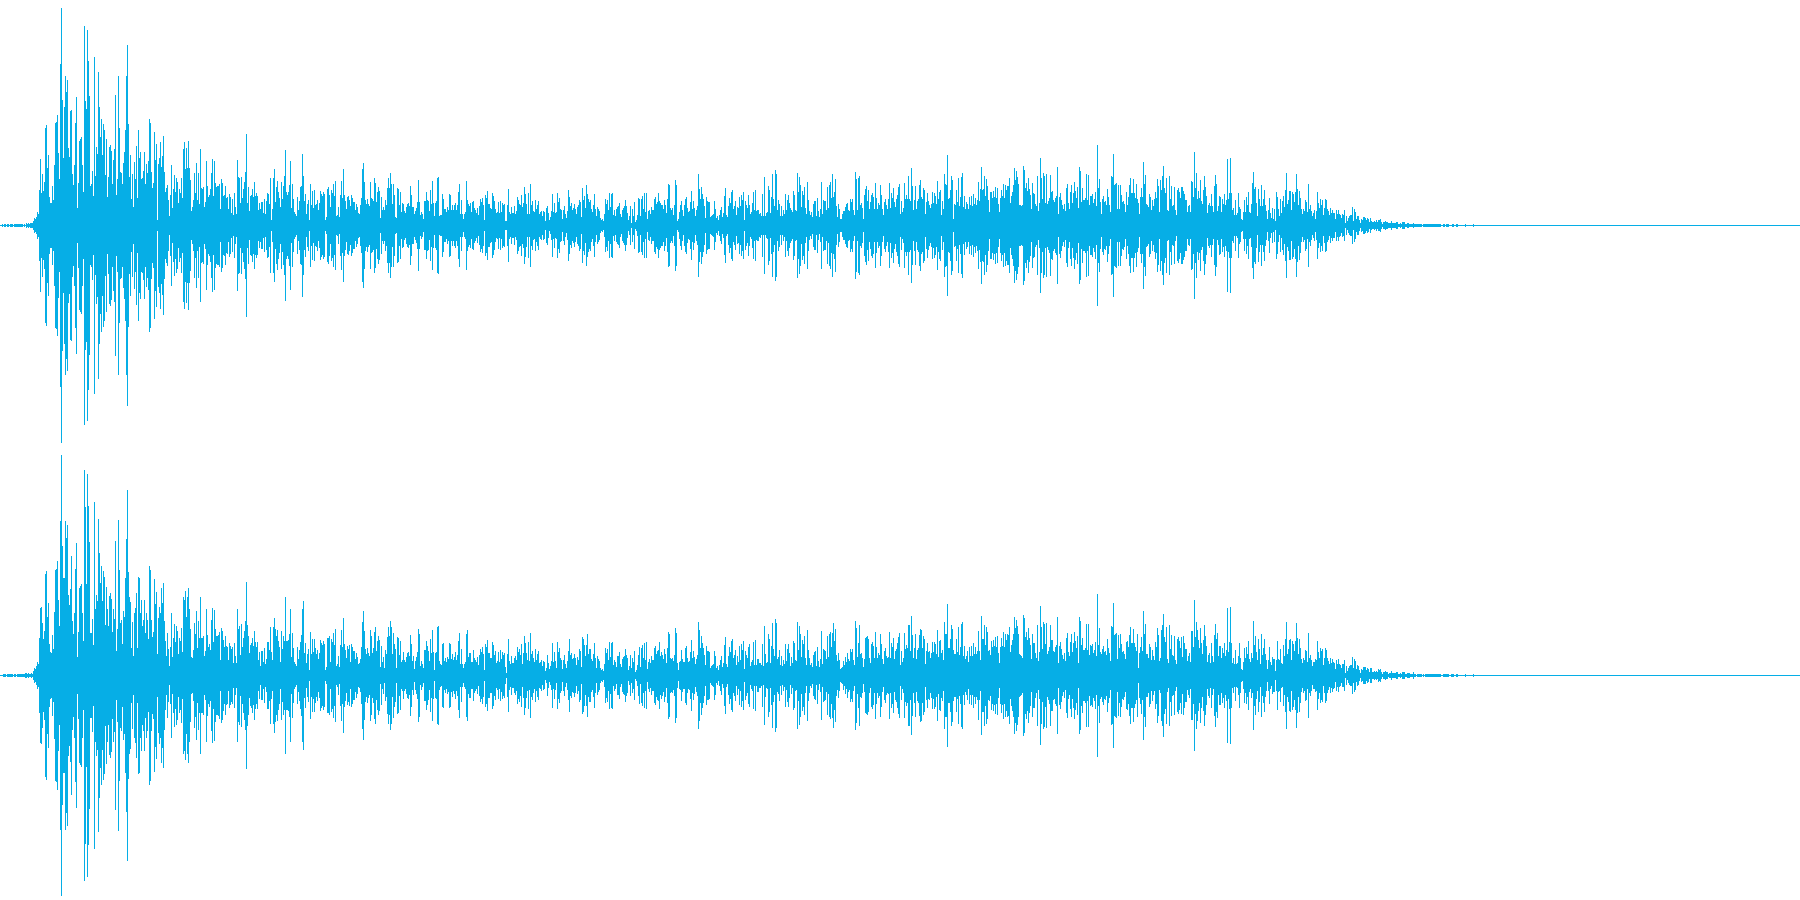 レトロゲームにありそうな衝撃(ザシュッ)の再生済みの波形